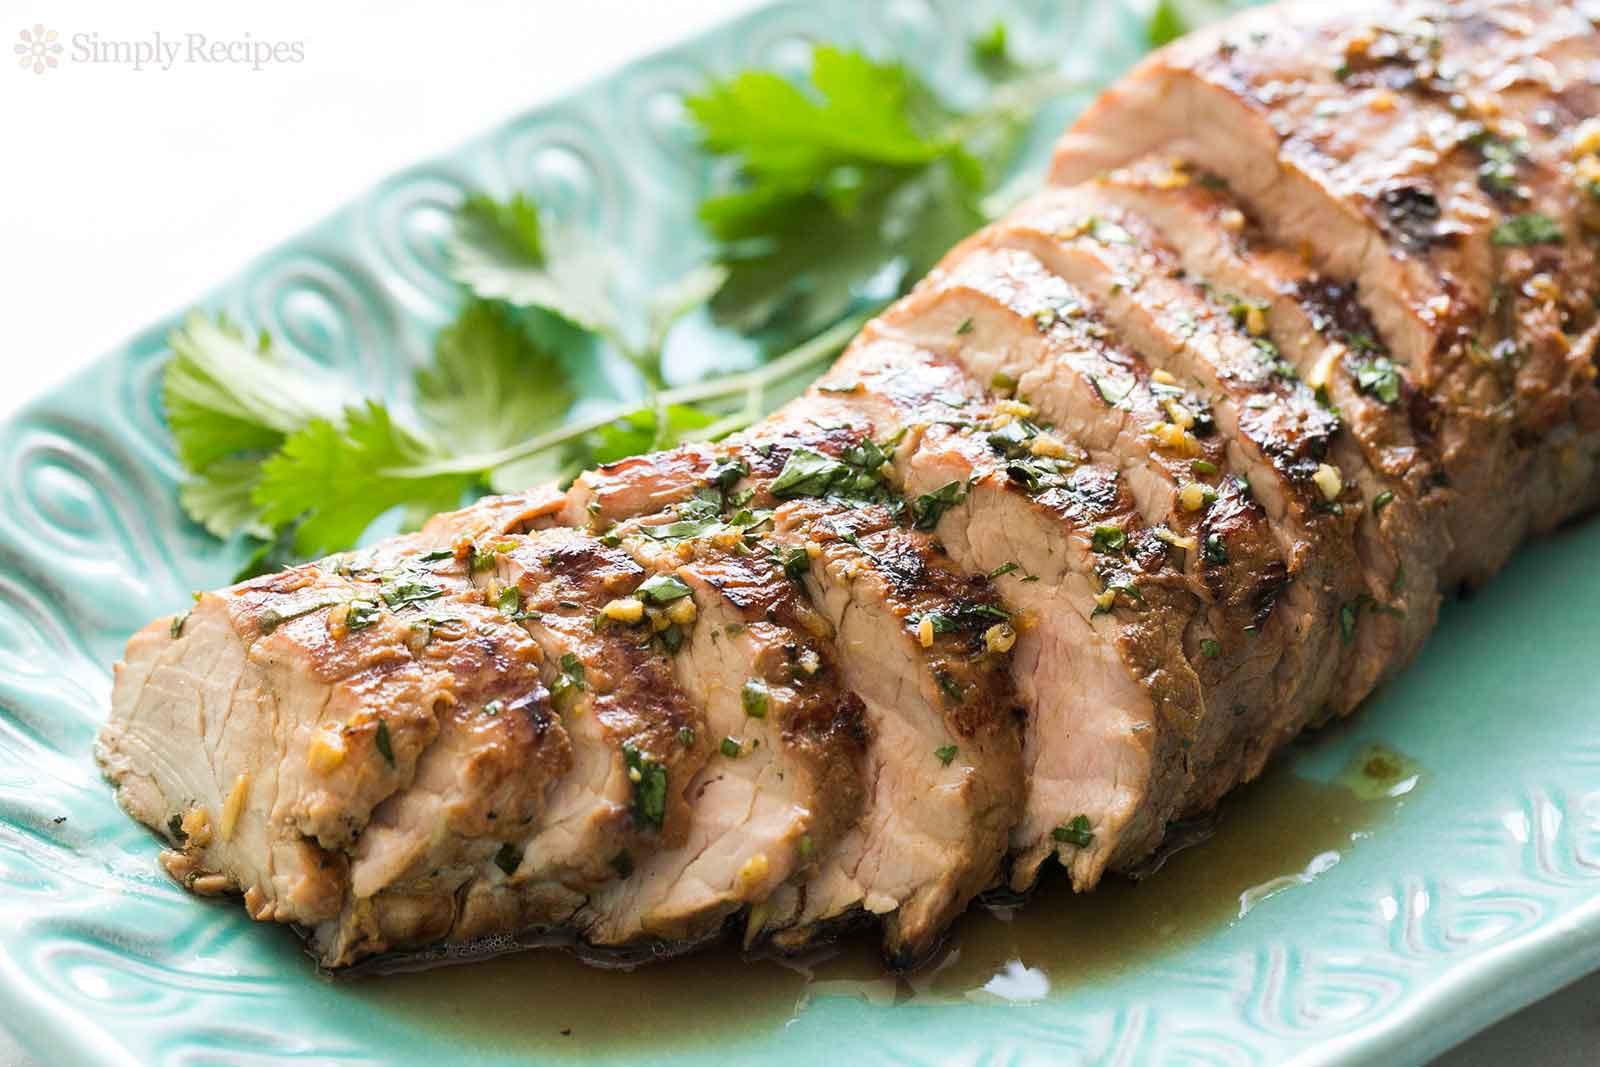 Pork Tenderloin On The Grill  Grilled Ginger Sesame Pork Tenderloin Recipe